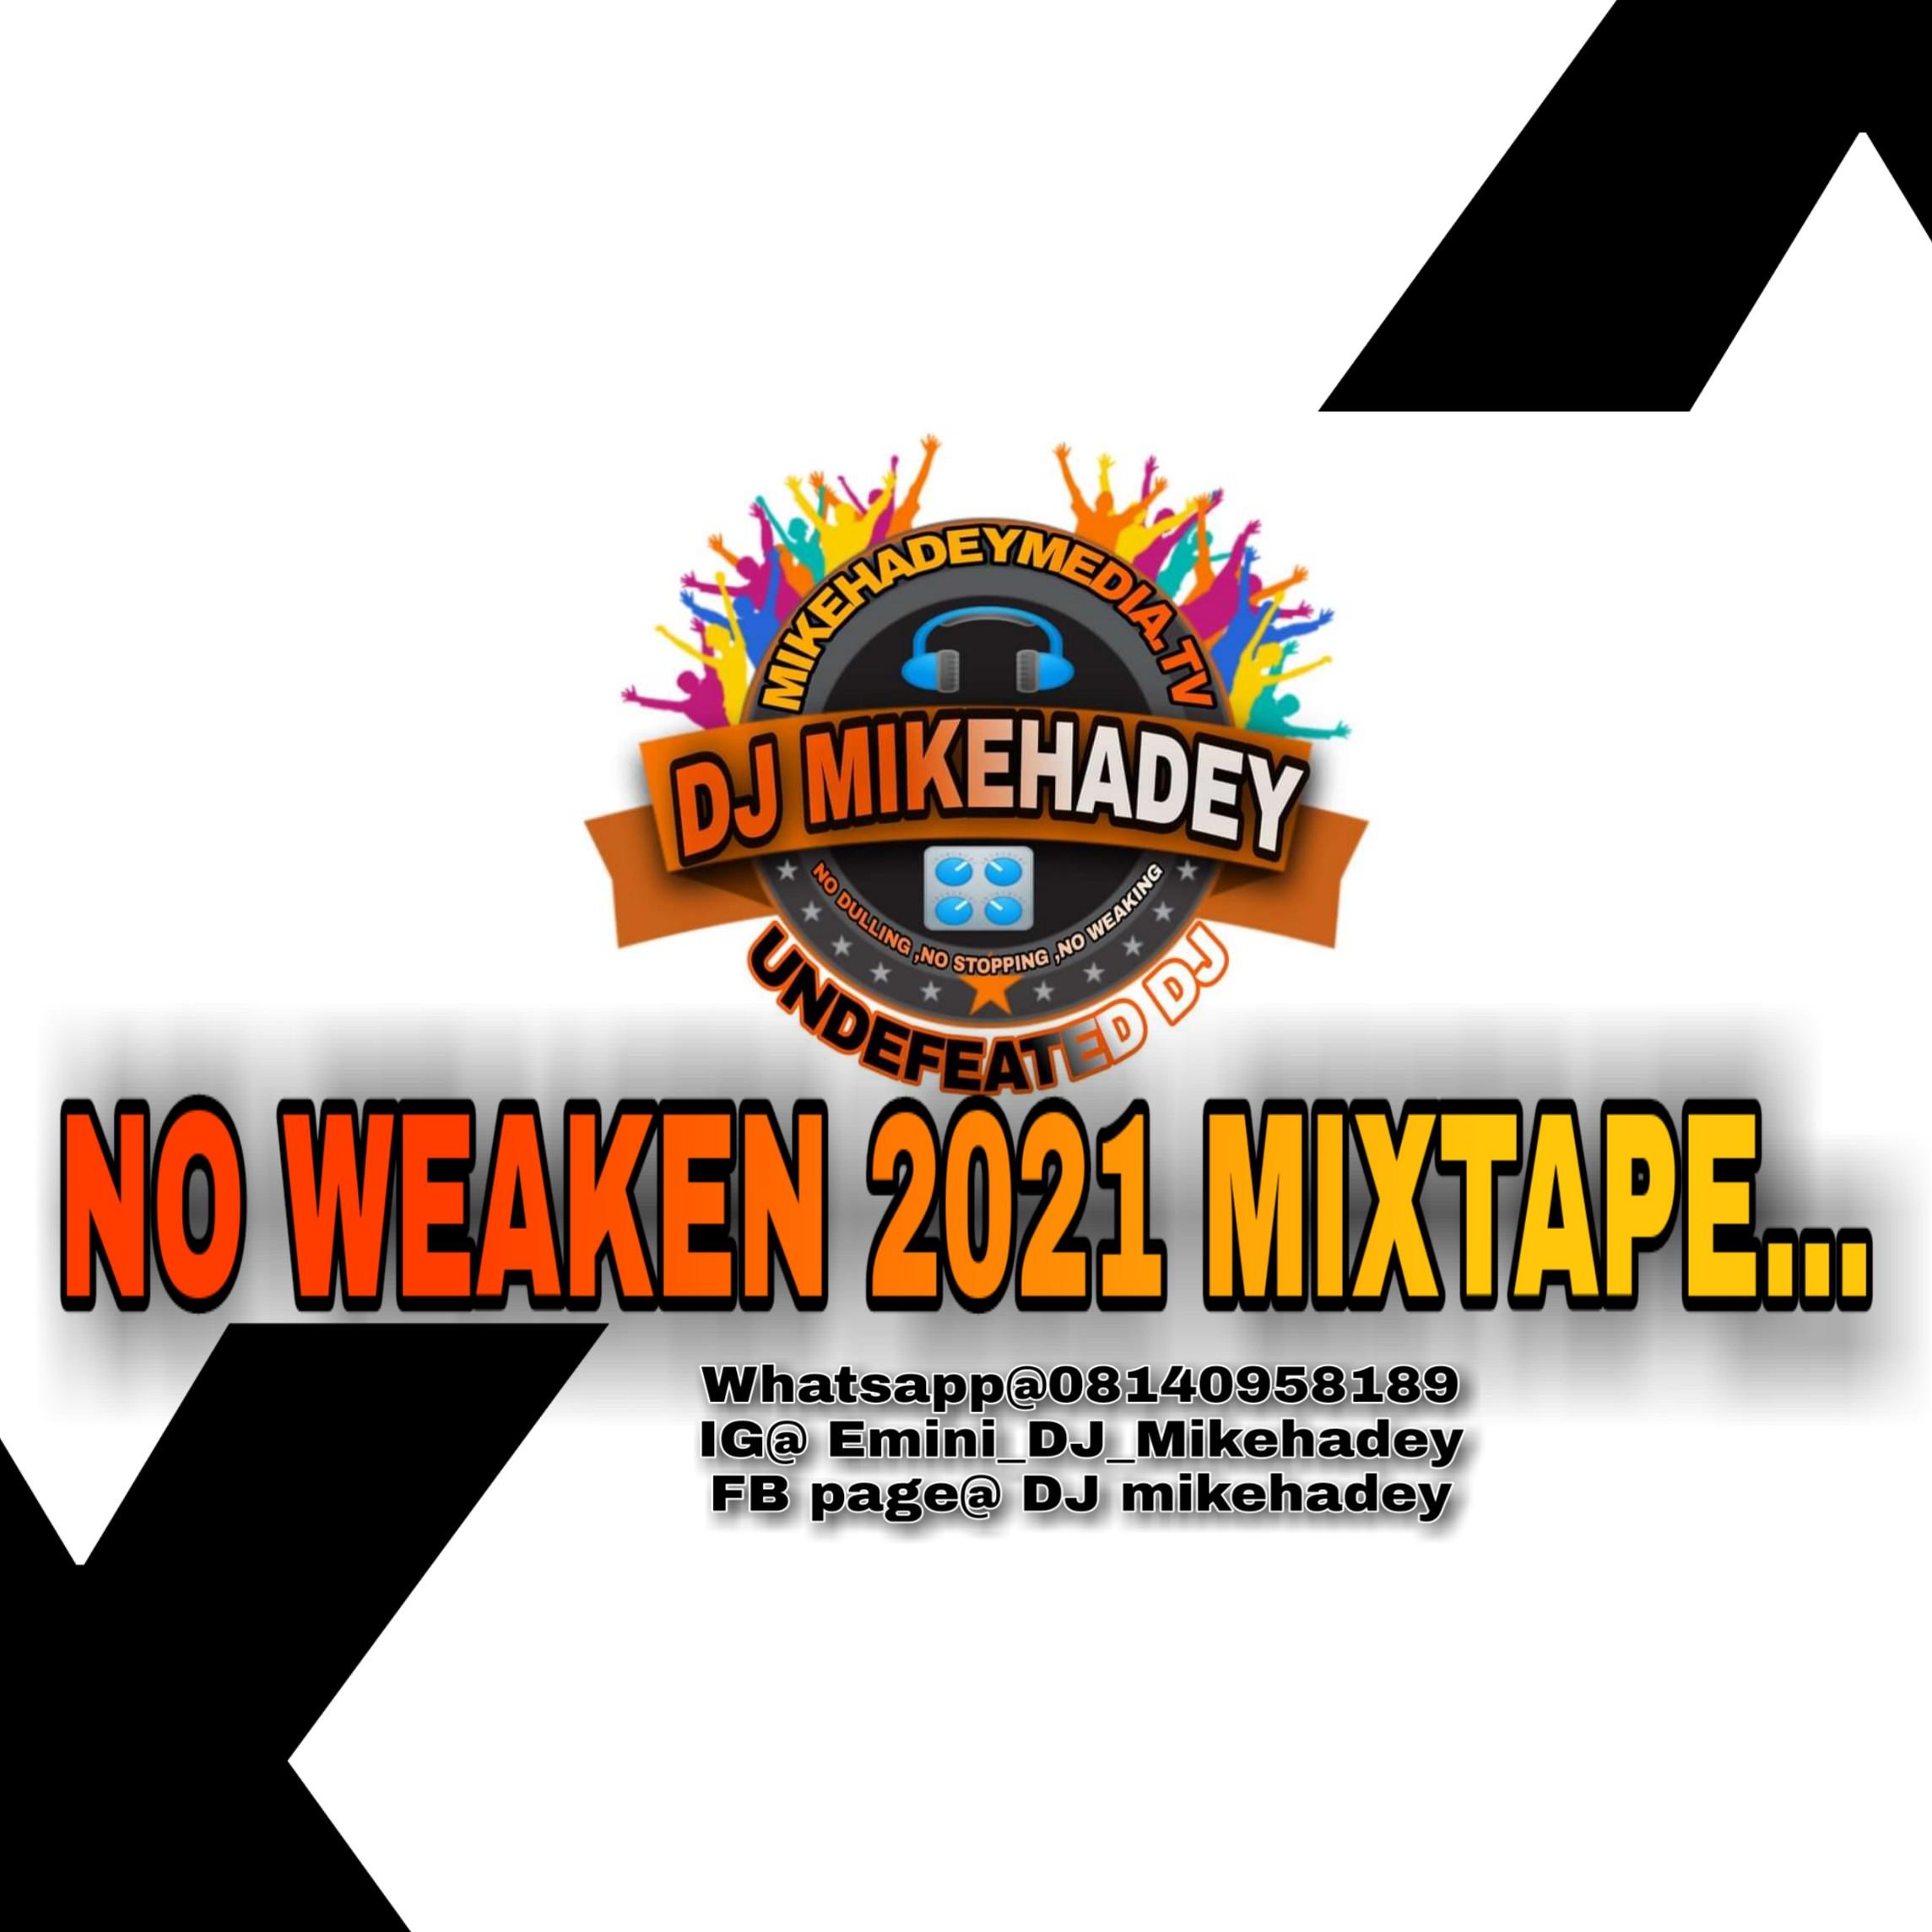 DJ mikehadey - NO WEAKEN 2021 MIXTAPE